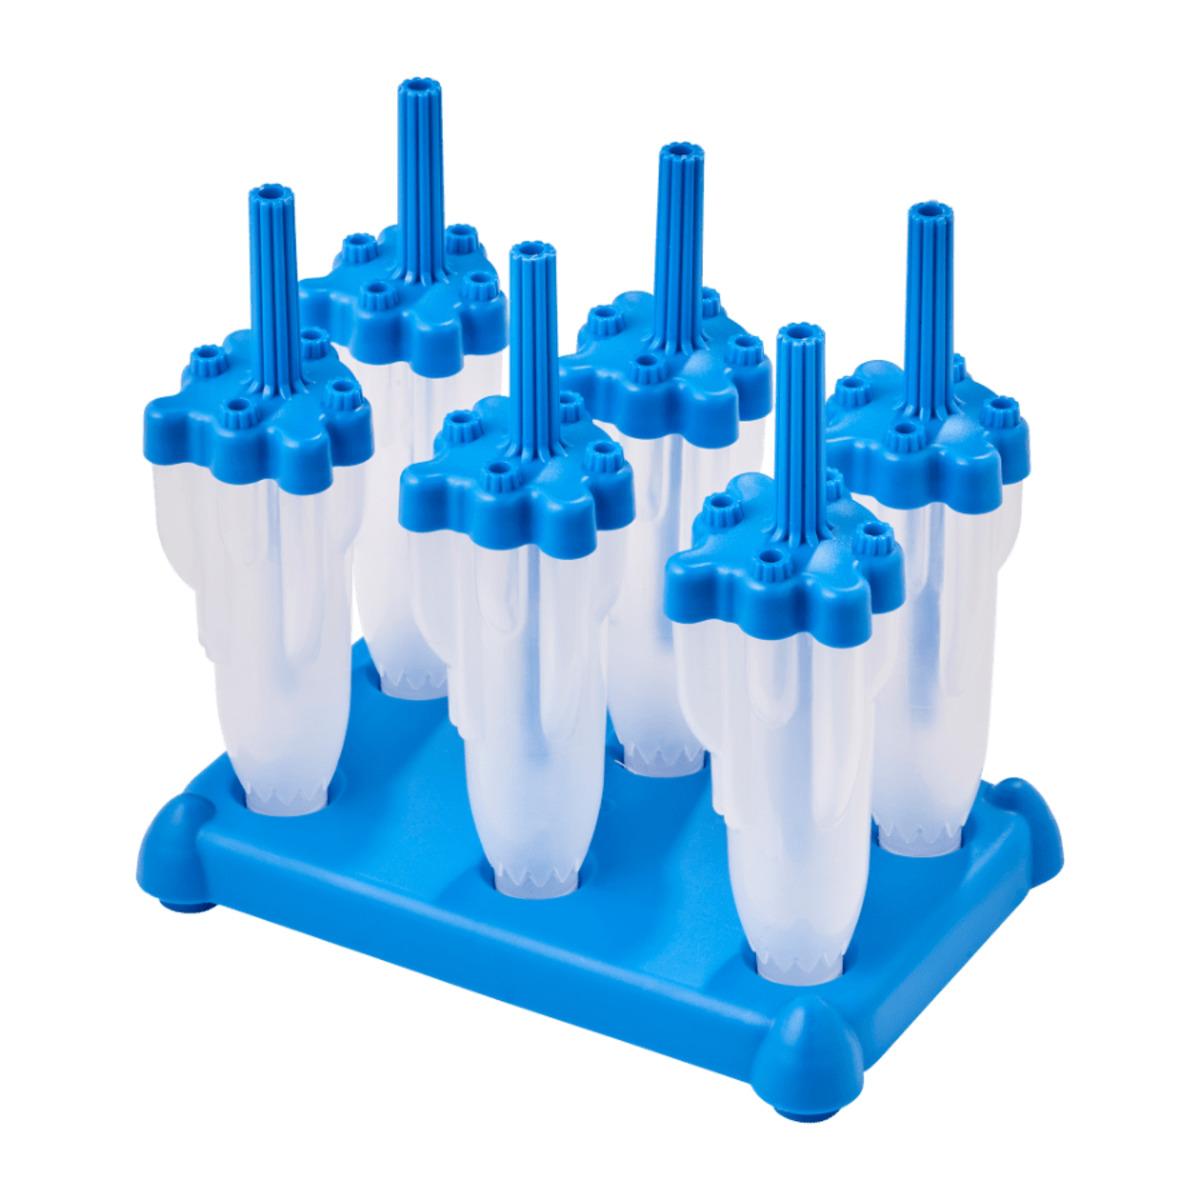 Bild 2 von HOME CREATION     Premium Eisformen